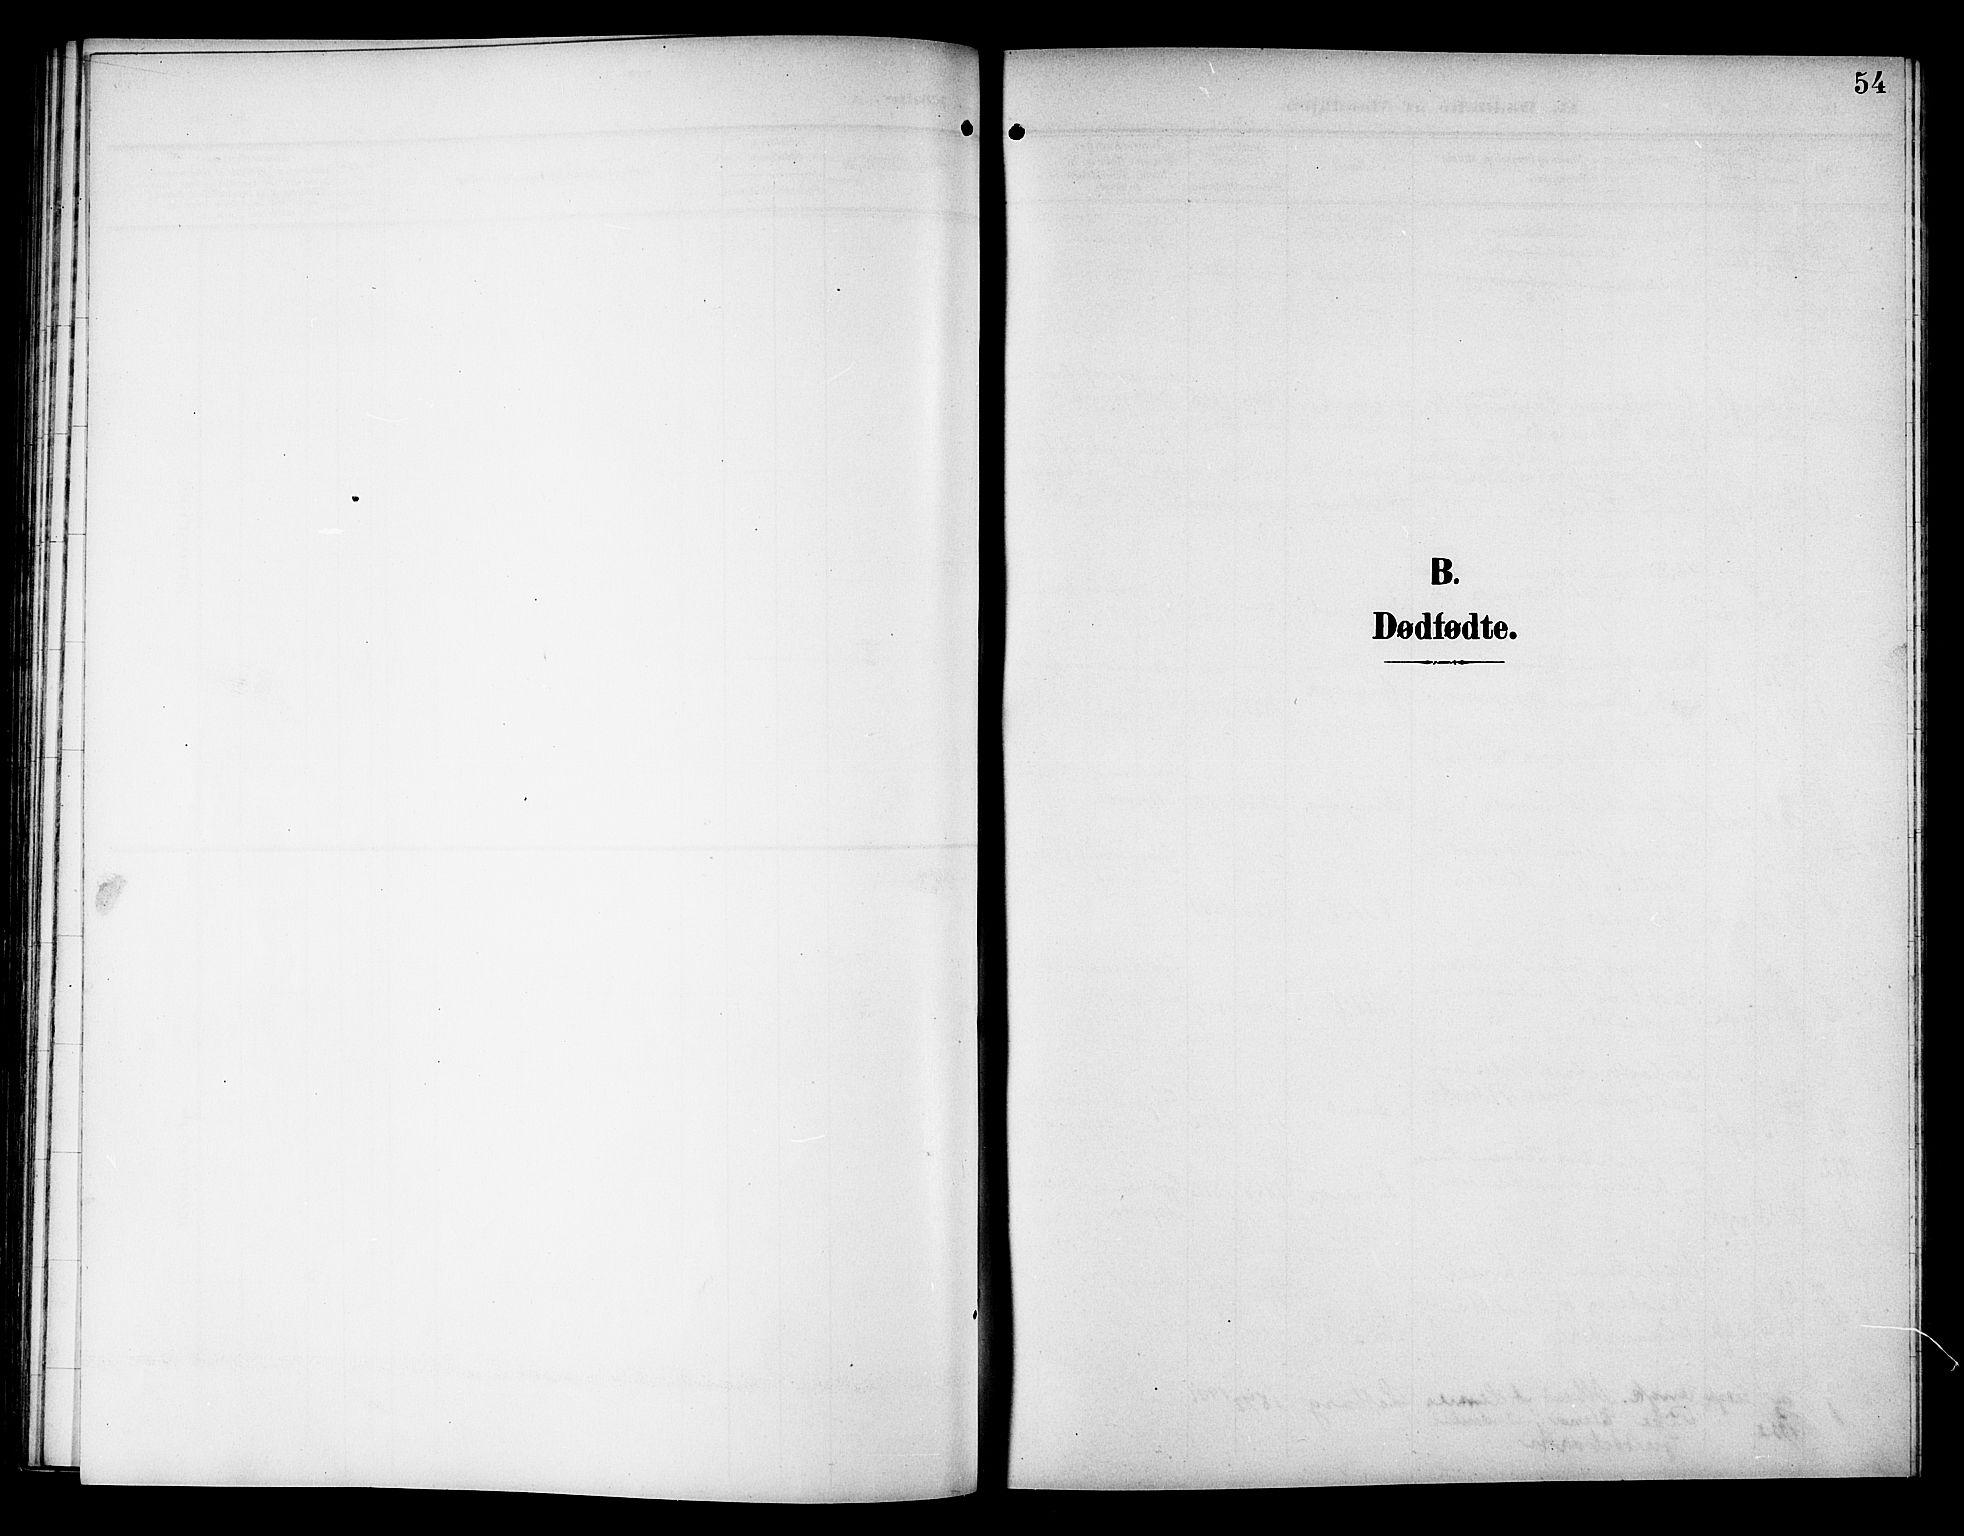 SAT, Ministerialprotokoller, klokkerbøker og fødselsregistre - Nord-Trøndelag, 757/L0506: Klokkerbok nr. 757C01, 1904-1922, s. 54